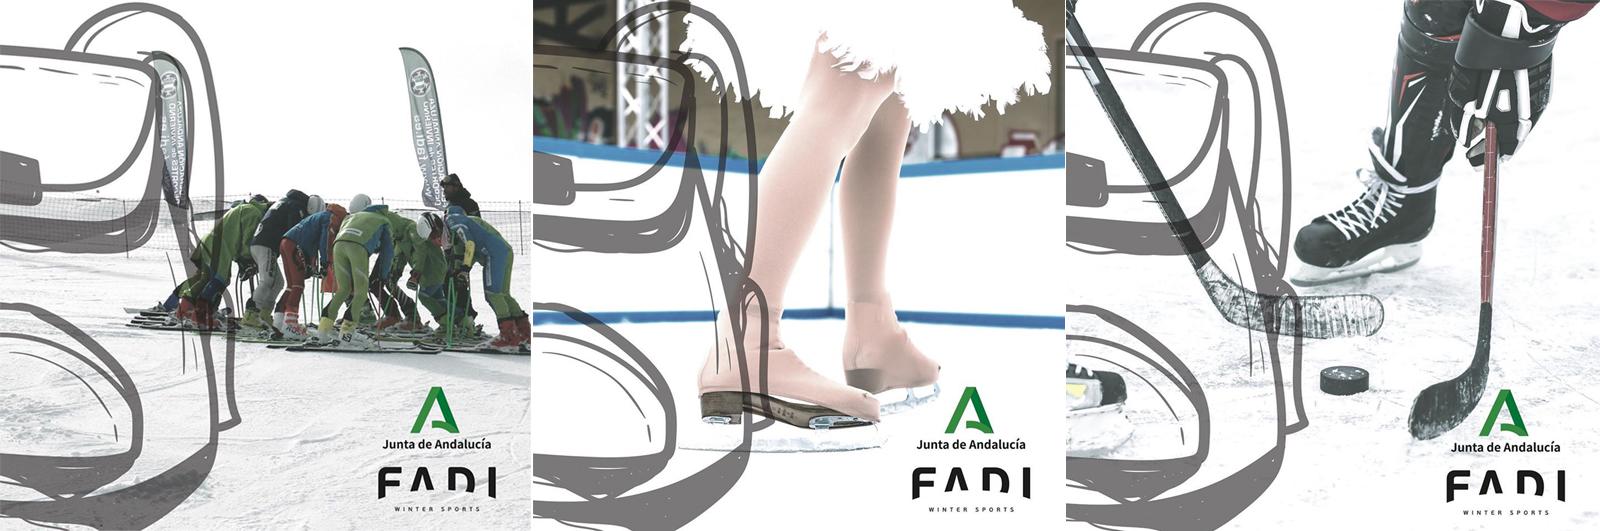 Los Deportes de Invierno de Andalucía están de enhorabuena